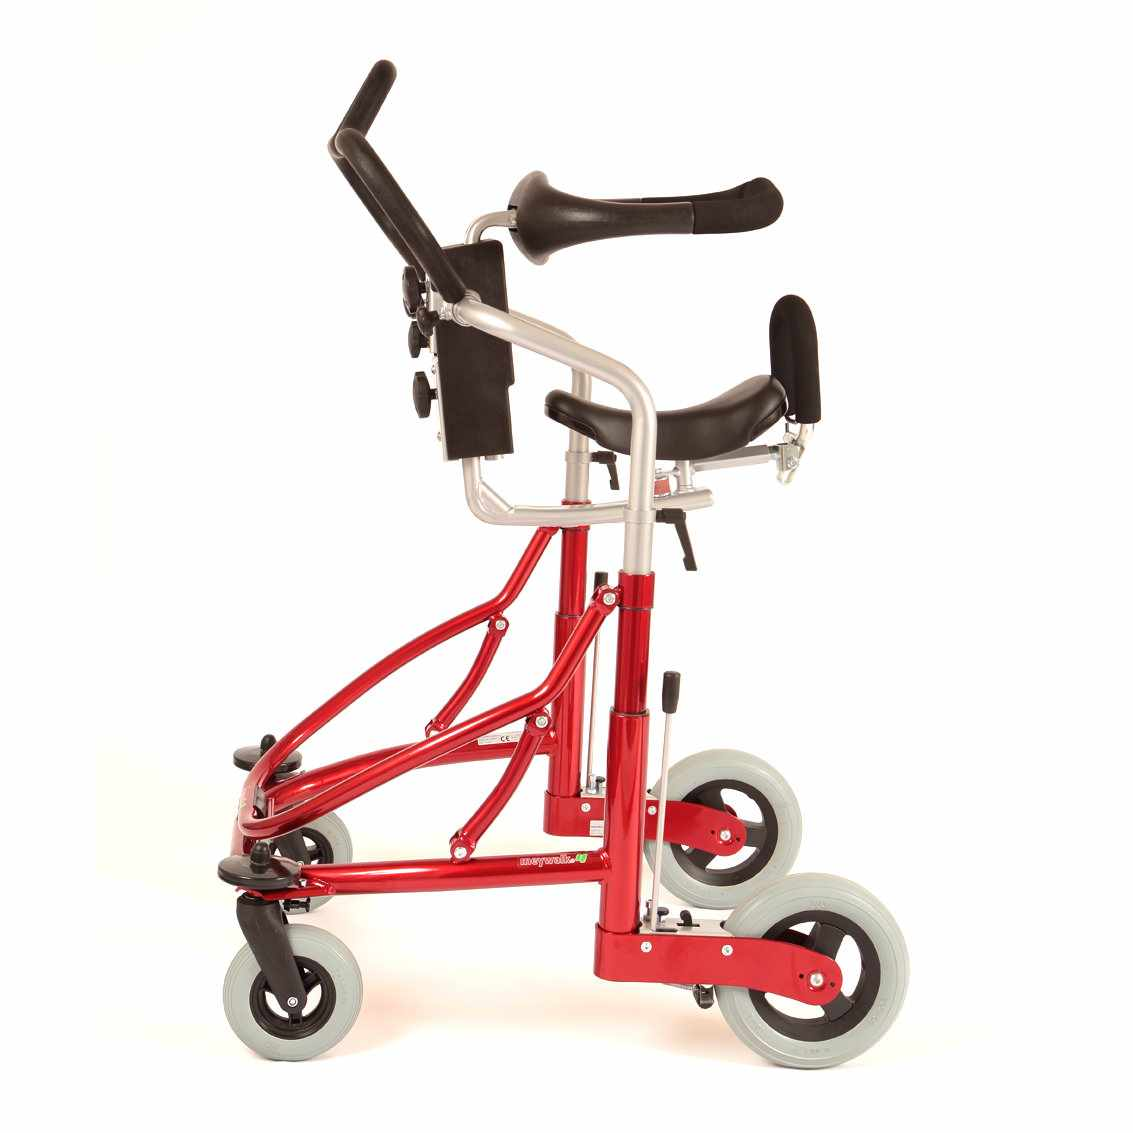 Meywalk MK4 gait trainer